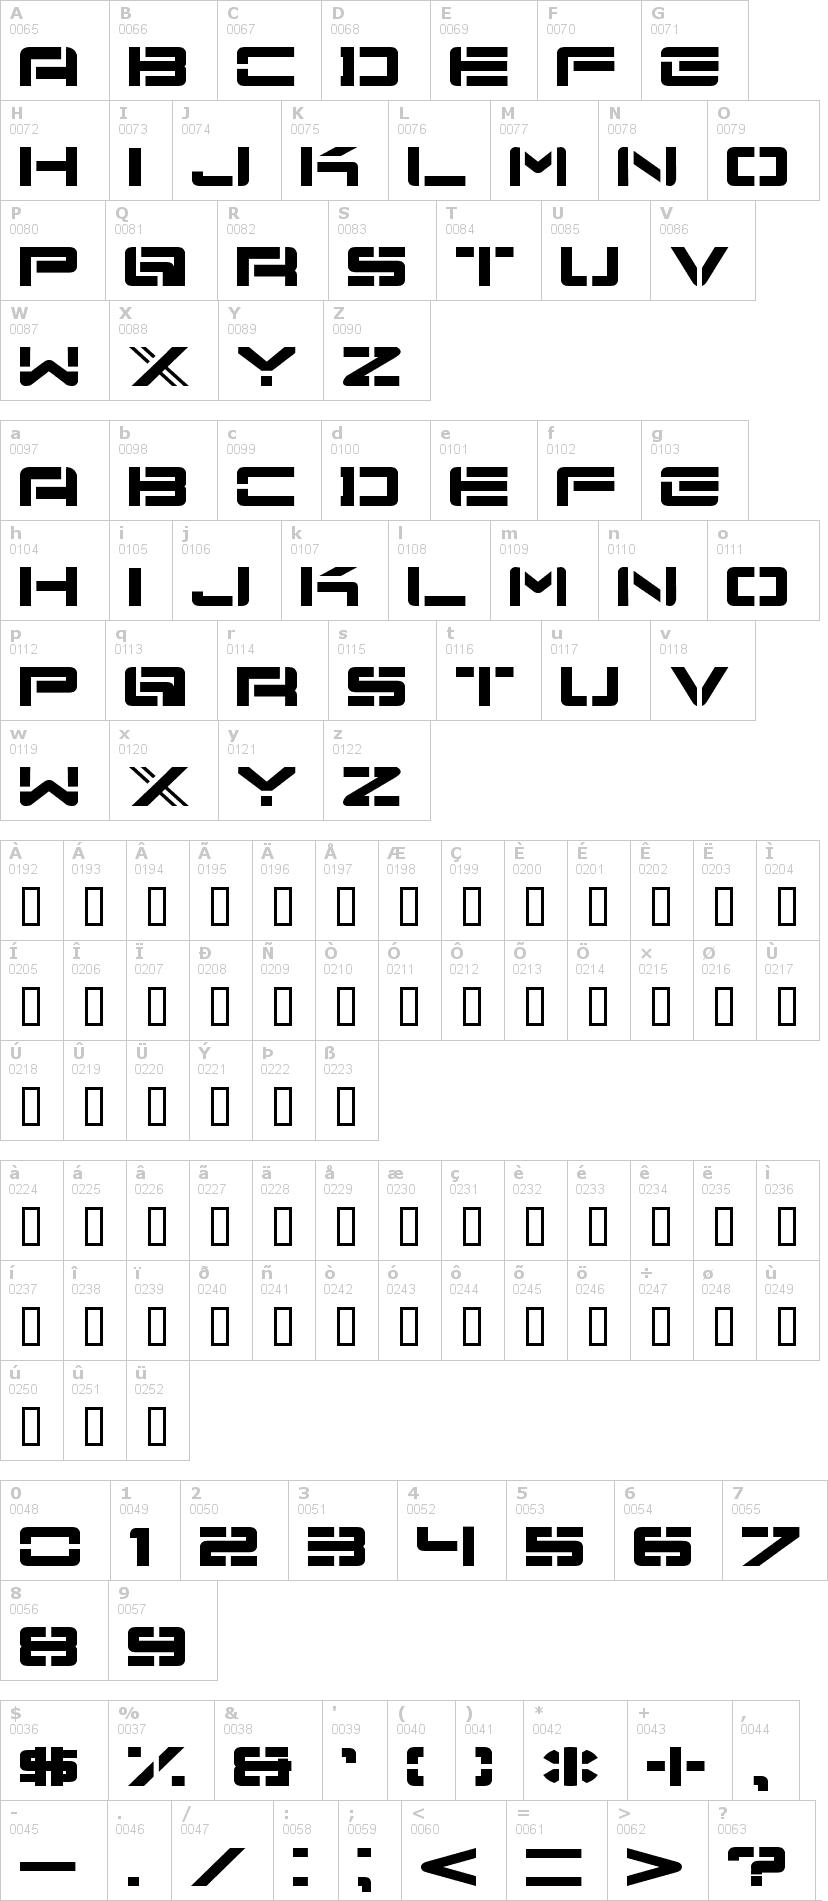 Lettere dell'alfabeto del font nu-school-munitions con le quali è possibile realizzare adesivi prespaziati